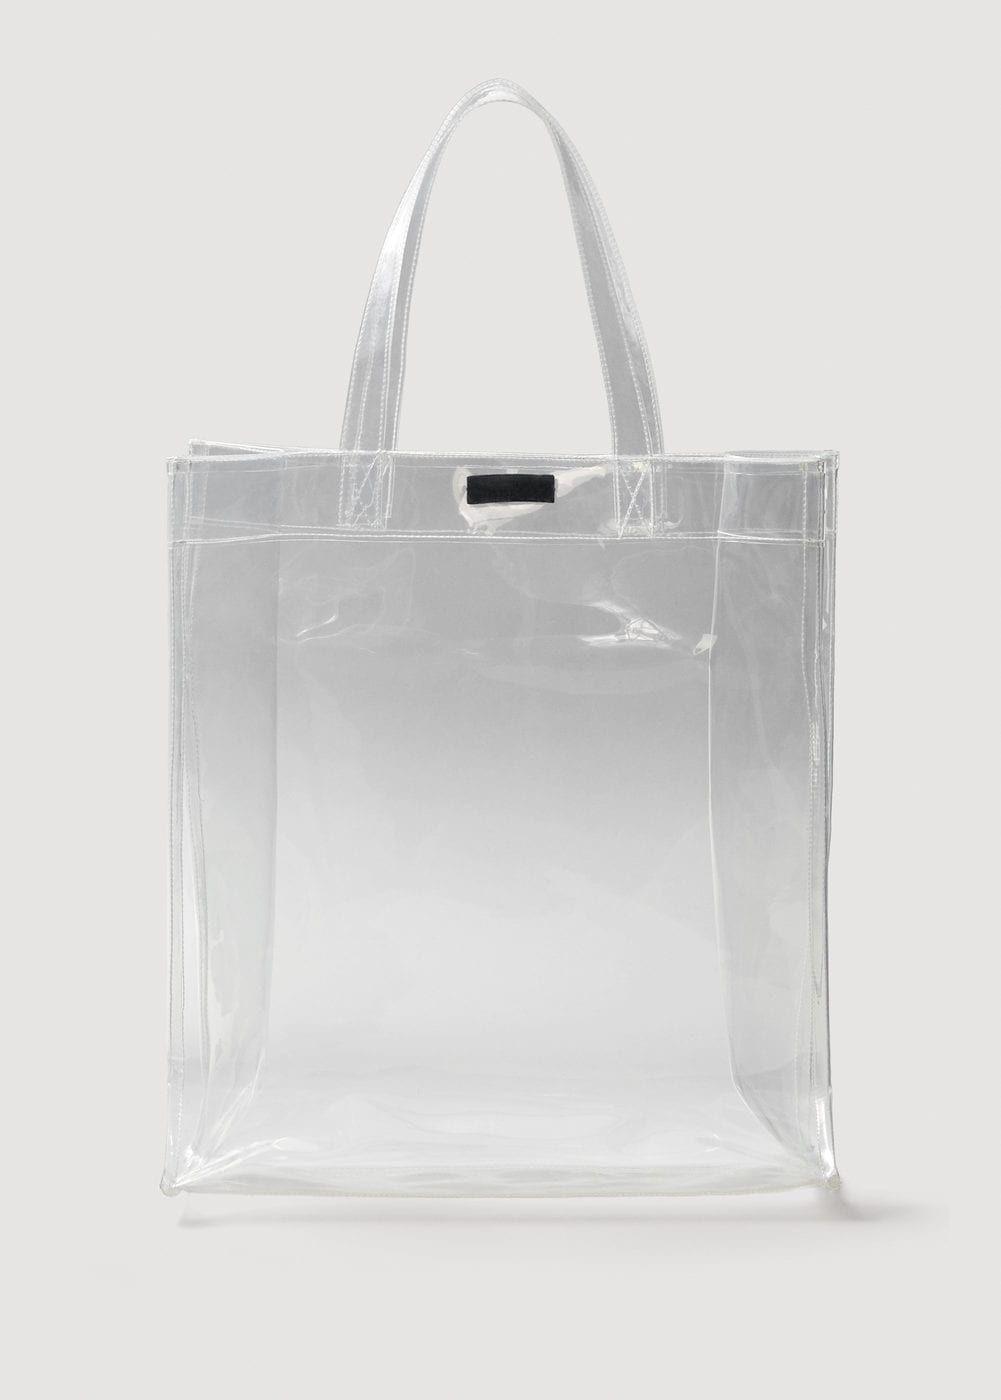 808bcb8ae19 Vinyl shopper bag - Woman in 2019   Accessories   Pinterest   Bags ...